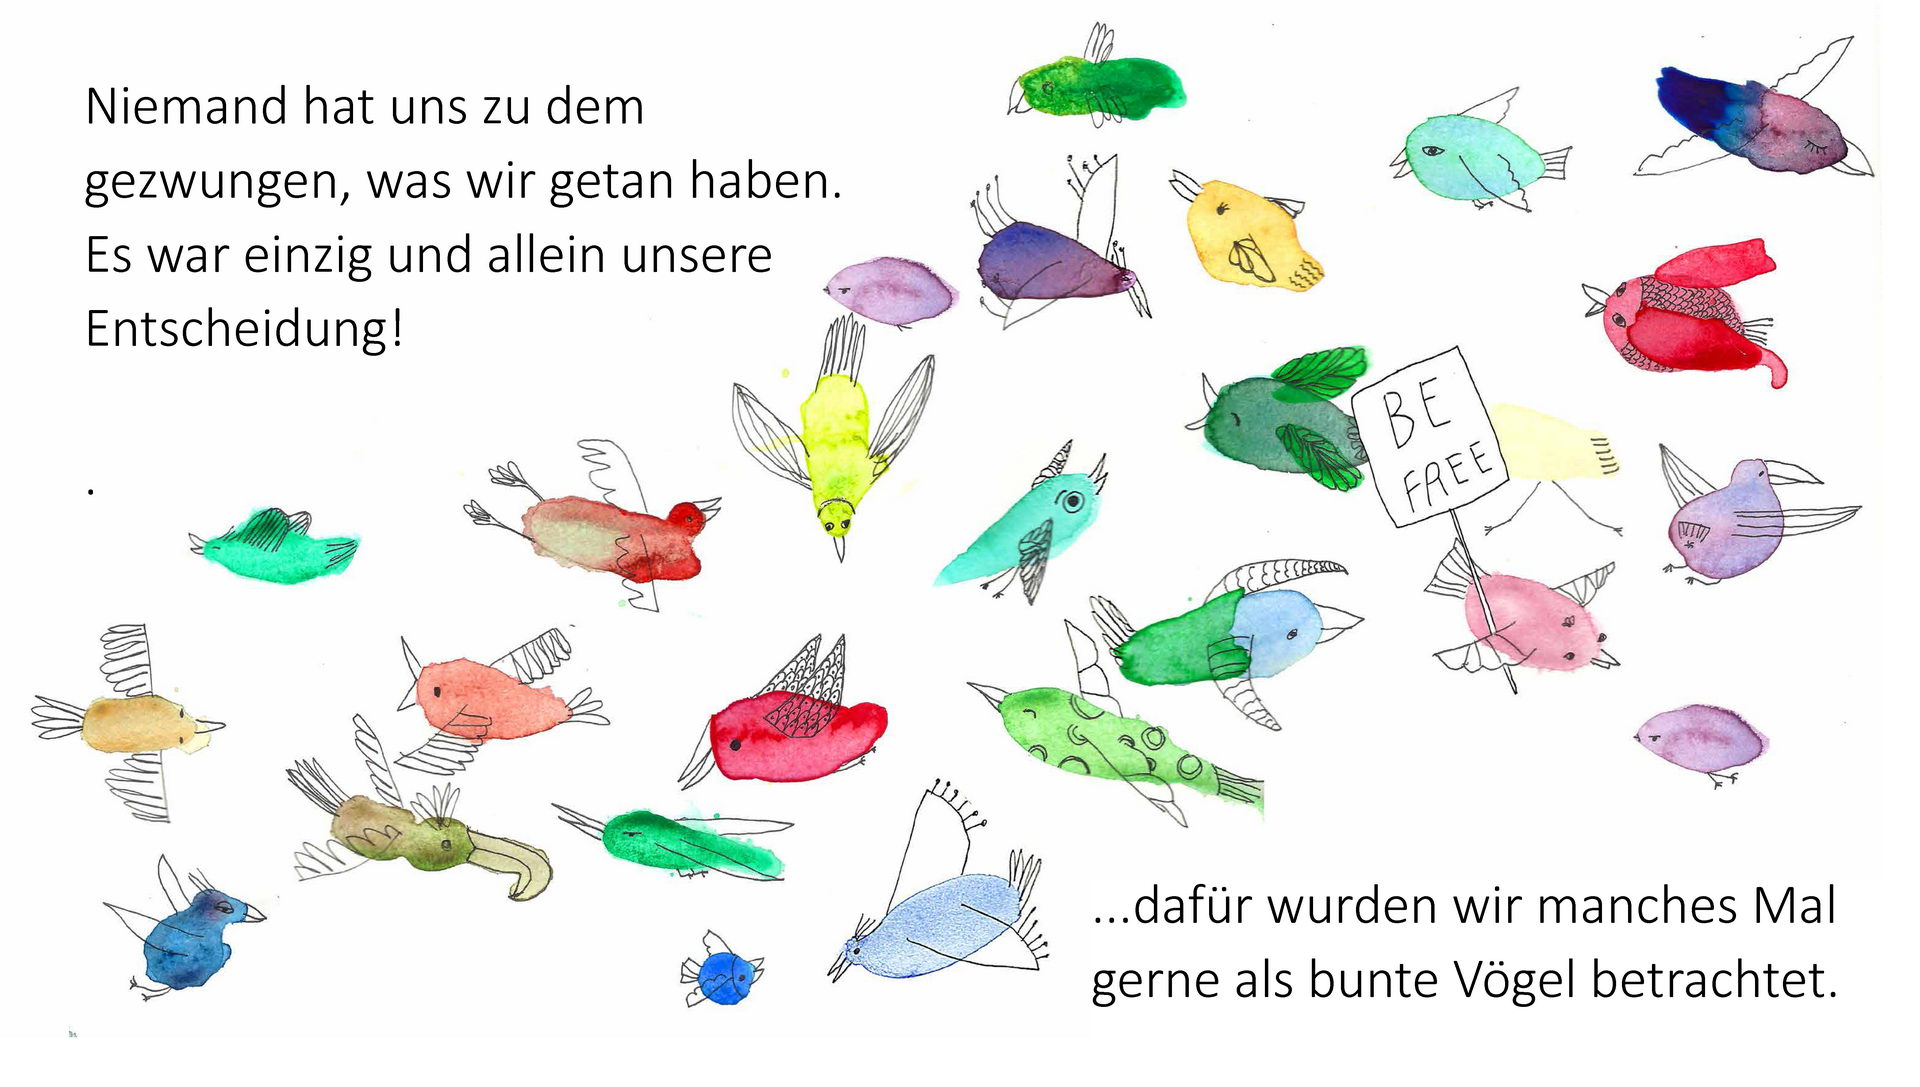 Fürstenbuch 20c epaper_Seite_26